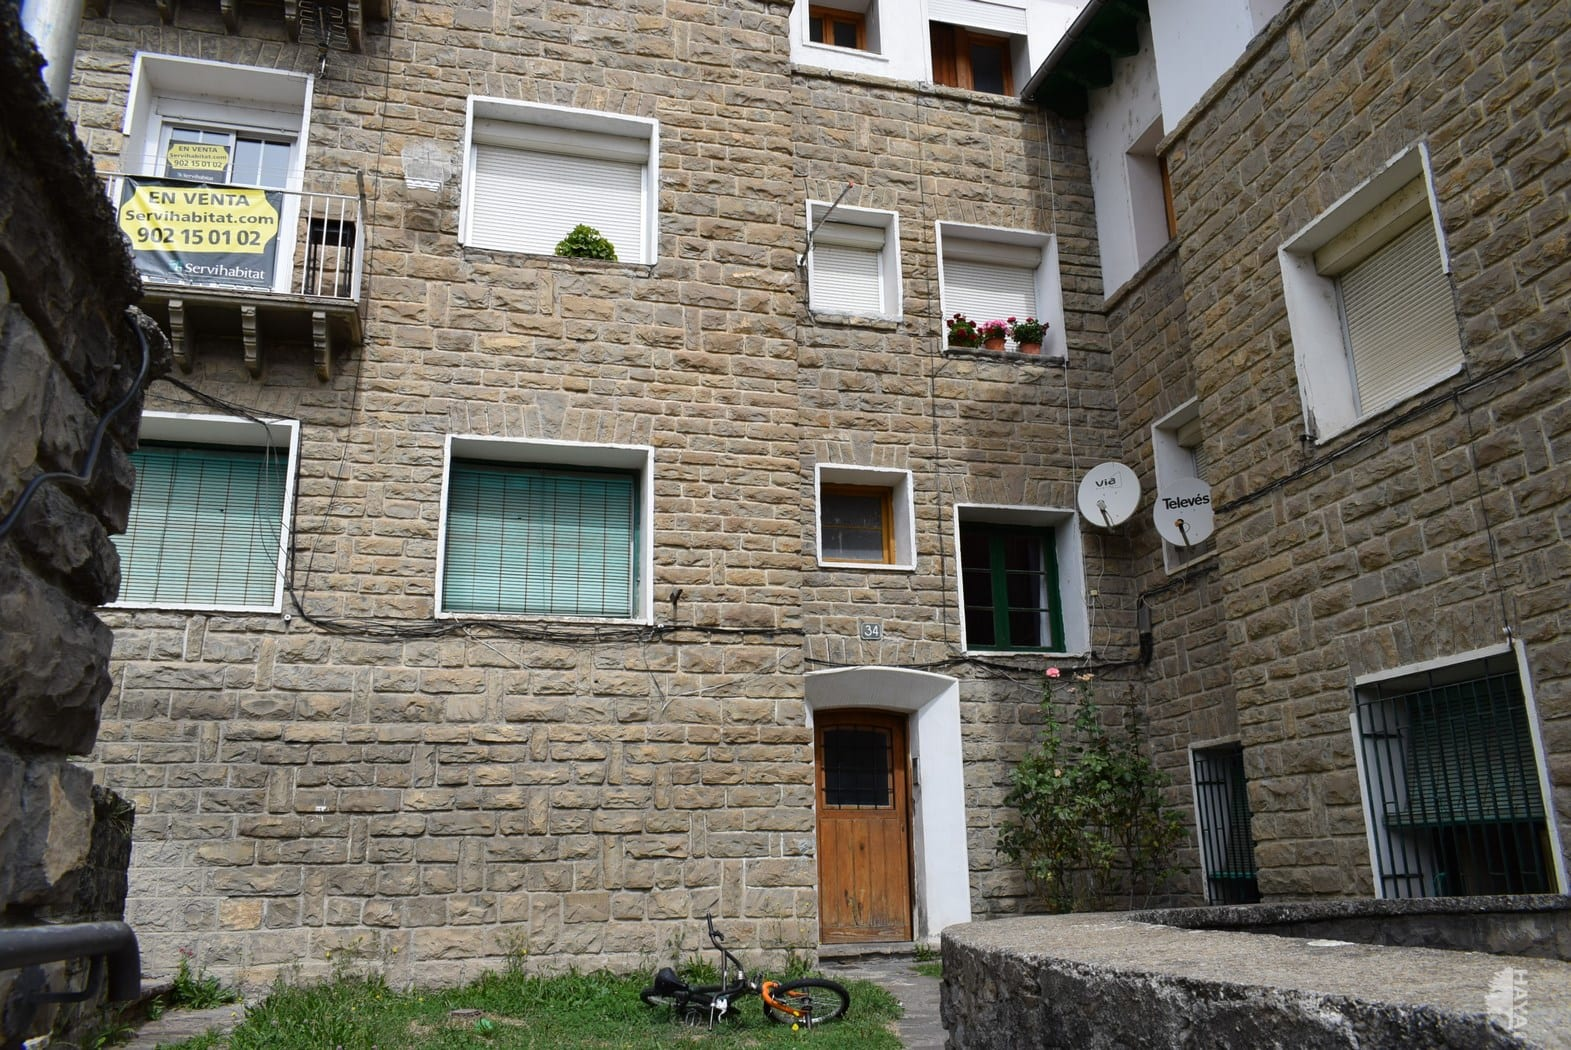 Piso en venta en Piso en Sabiñánigo, Huesca, 50.000 €, 3 habitaciones, 1 baño, 108 m2